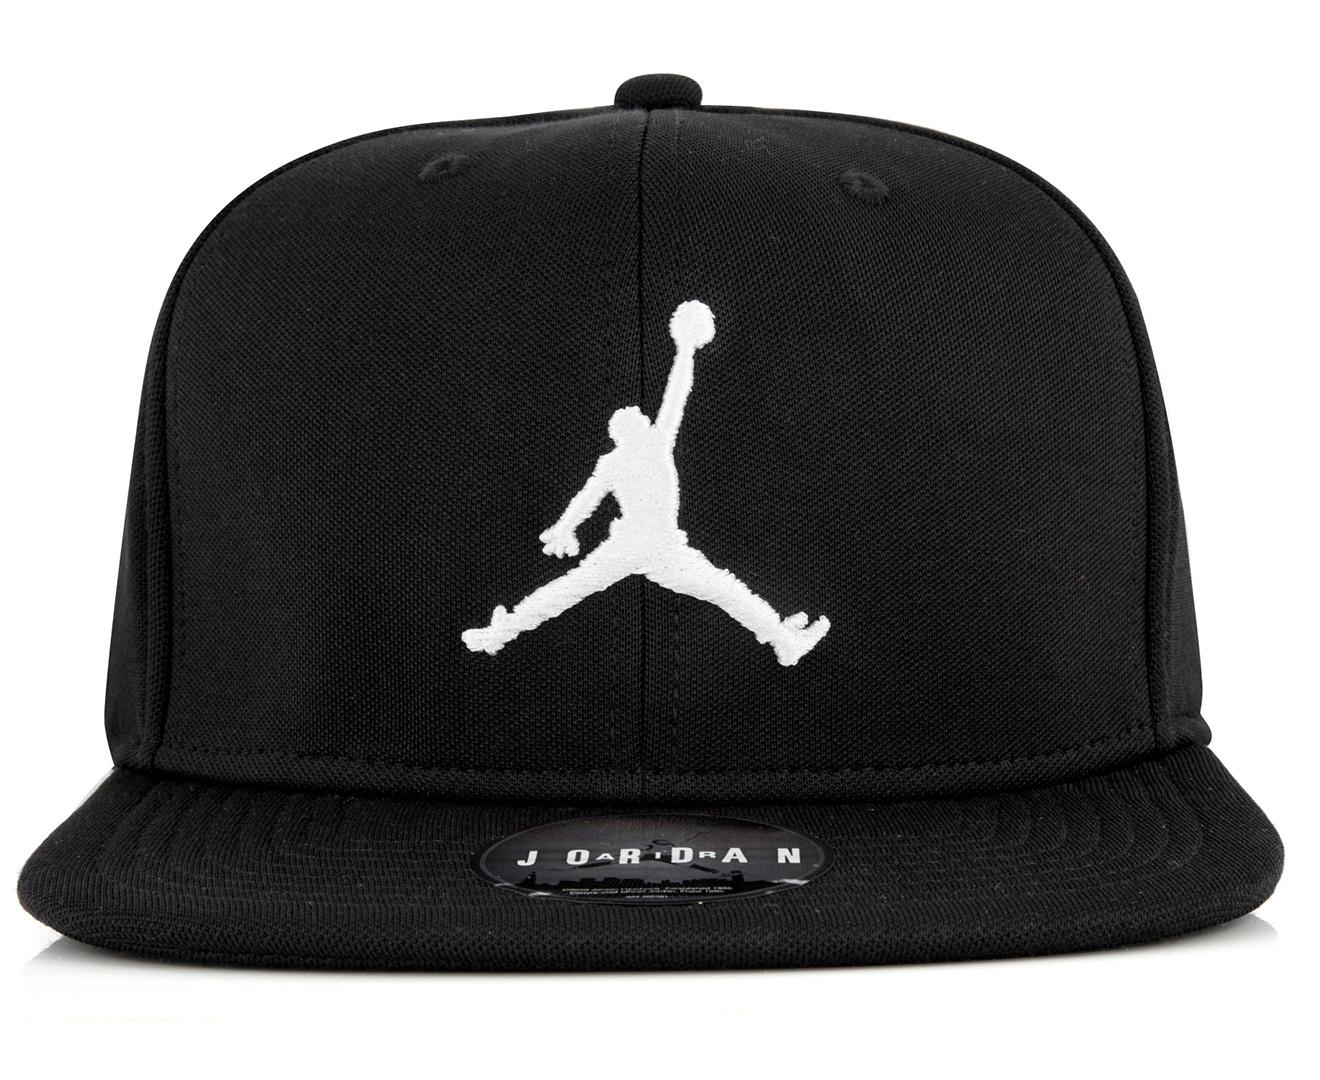 691ac02e Nike Jordan Jumpman Snapback Cap - Black